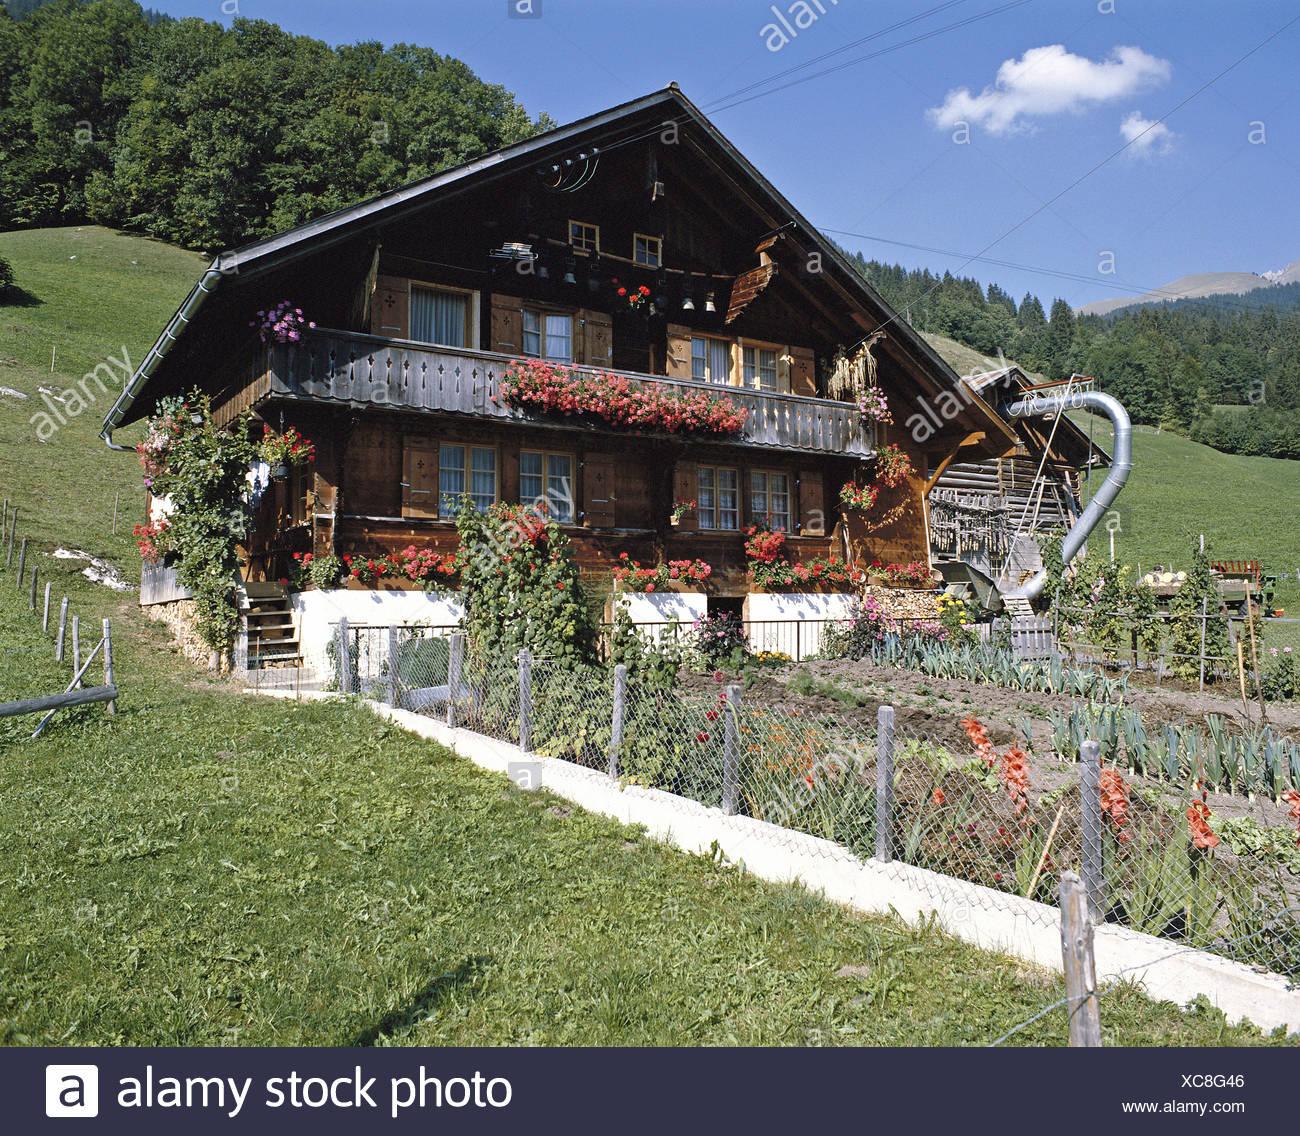 folklore farmhouse mountains farmhouses flowers garden Switzerland Europe - Stock Image